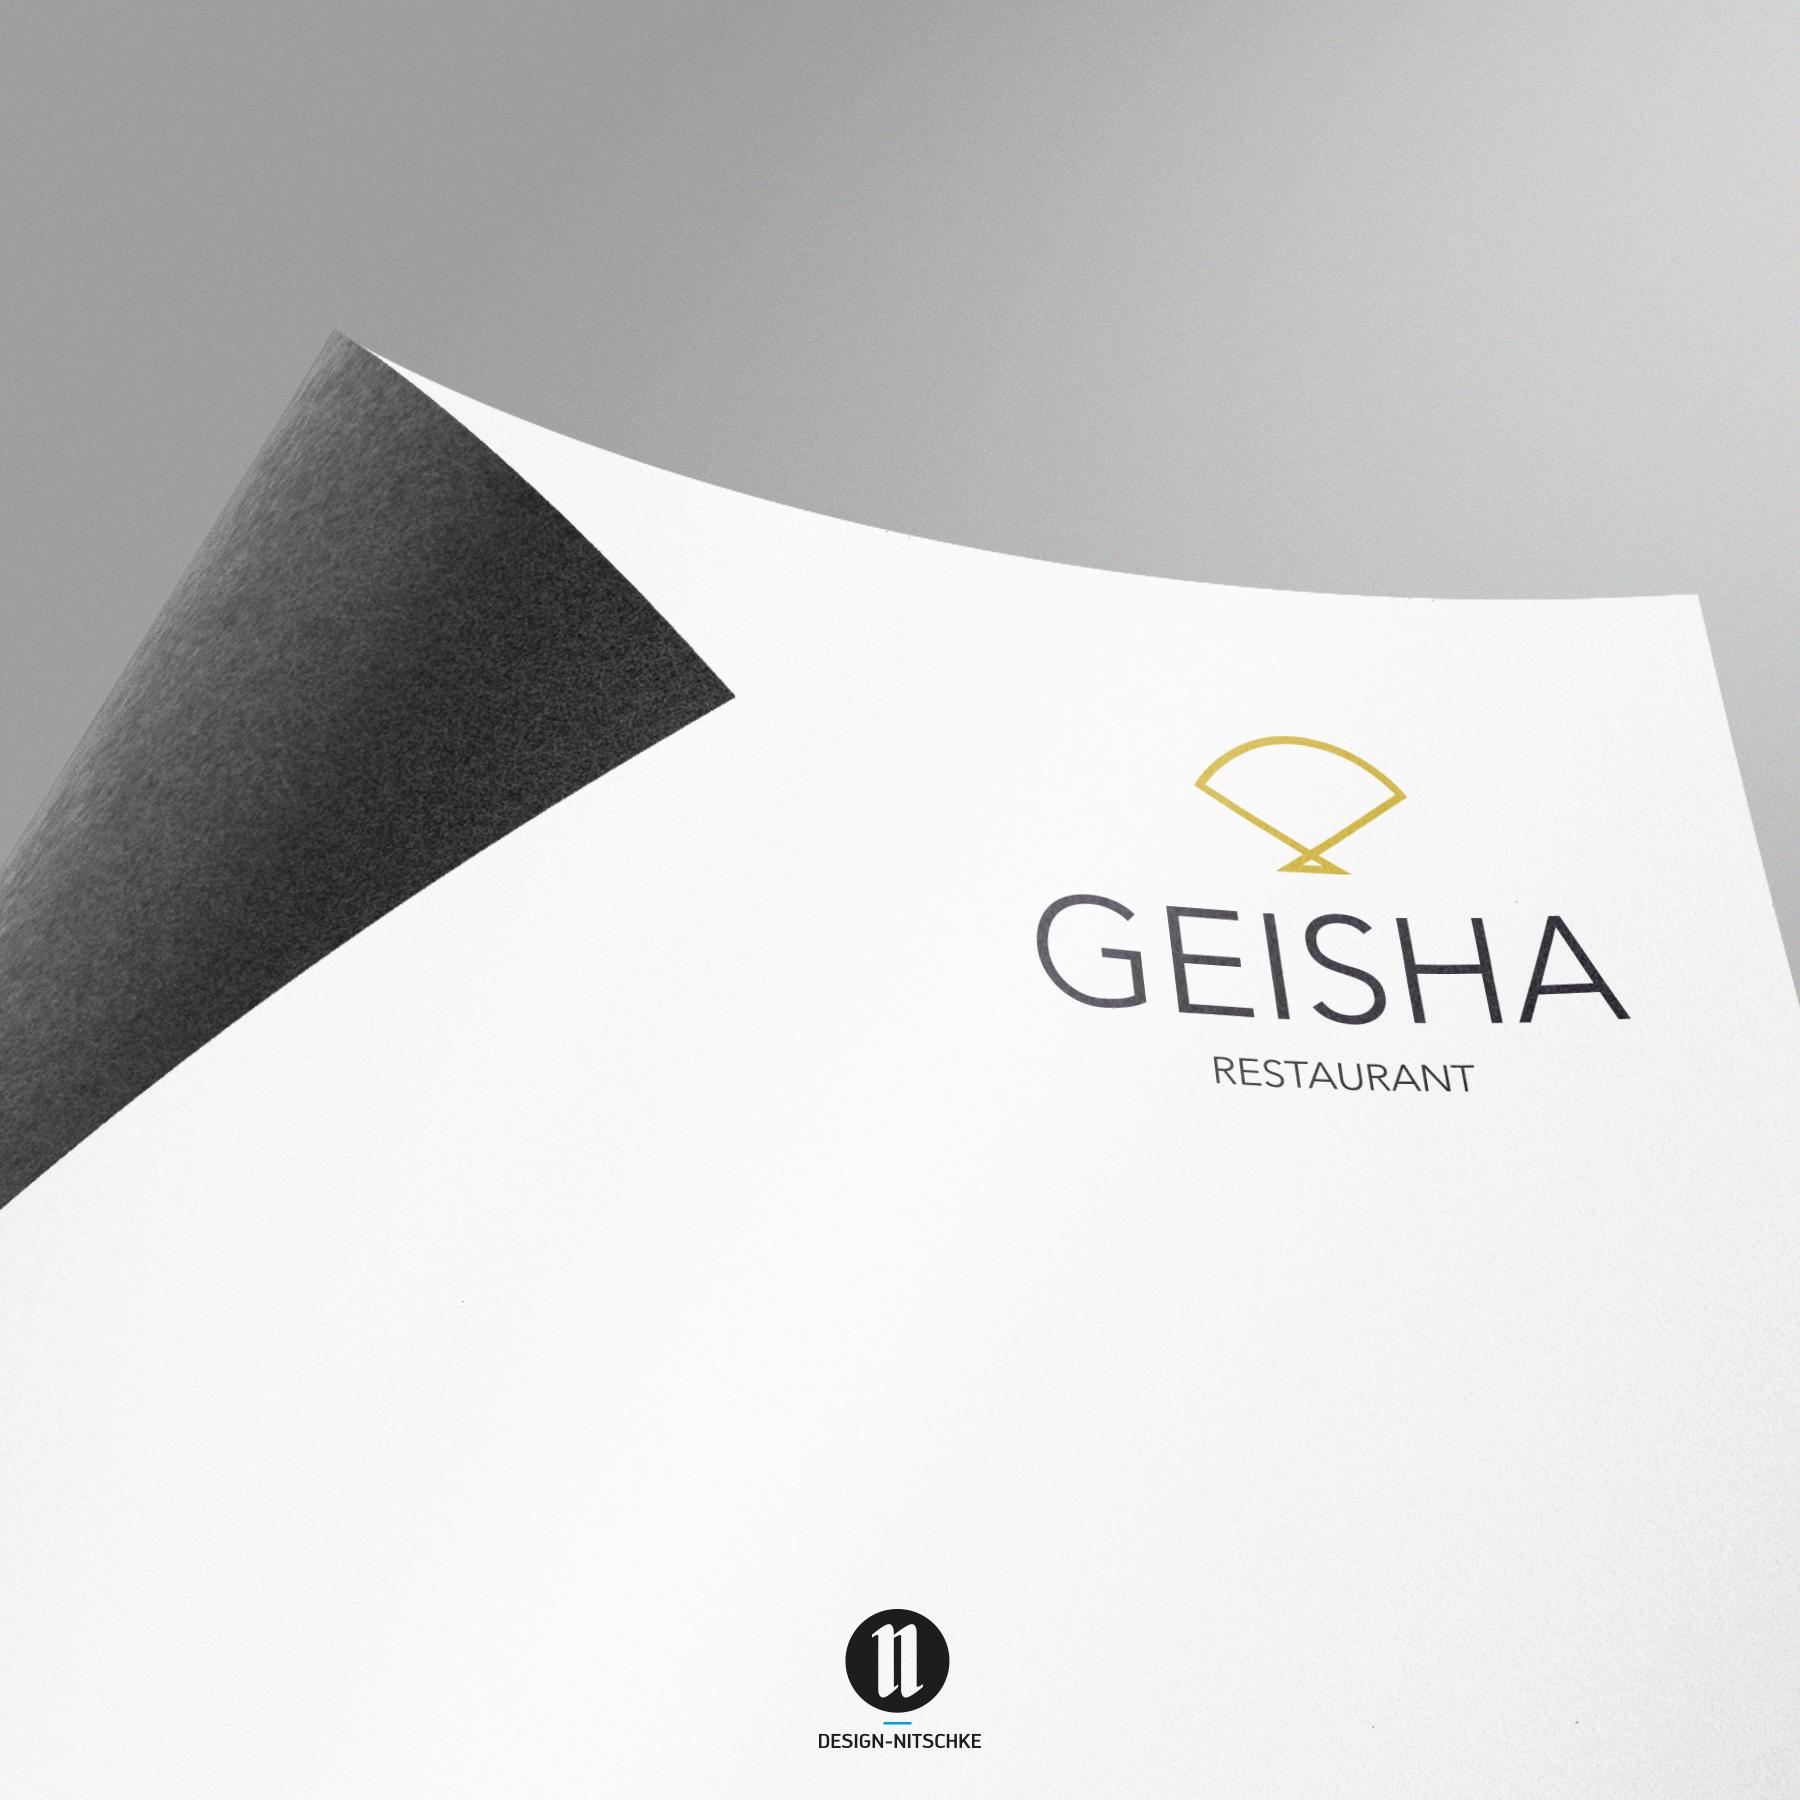 geisha_briefpapier_ci_design_logo_werbeagentur_nitschke_oranienburg_logo.jpg